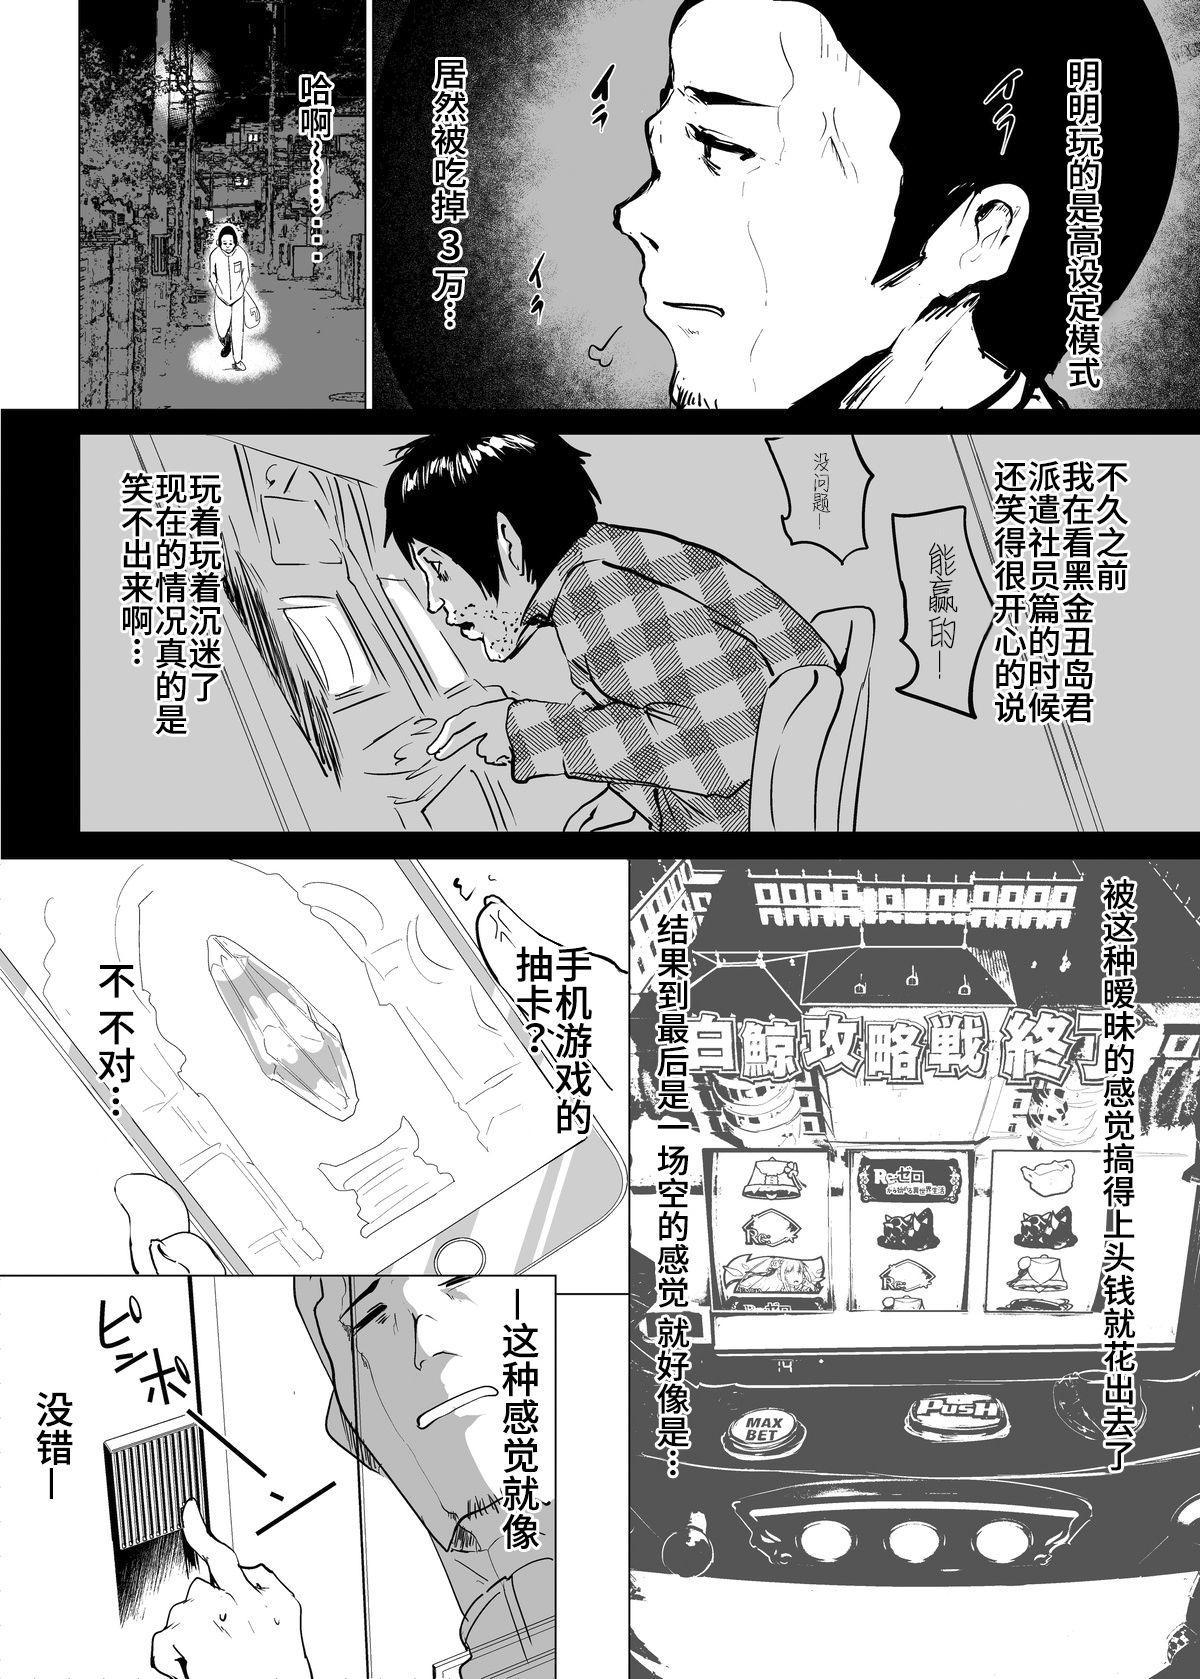 Re: Zero kara Hajimeru PachiSlot Seikatsu 2